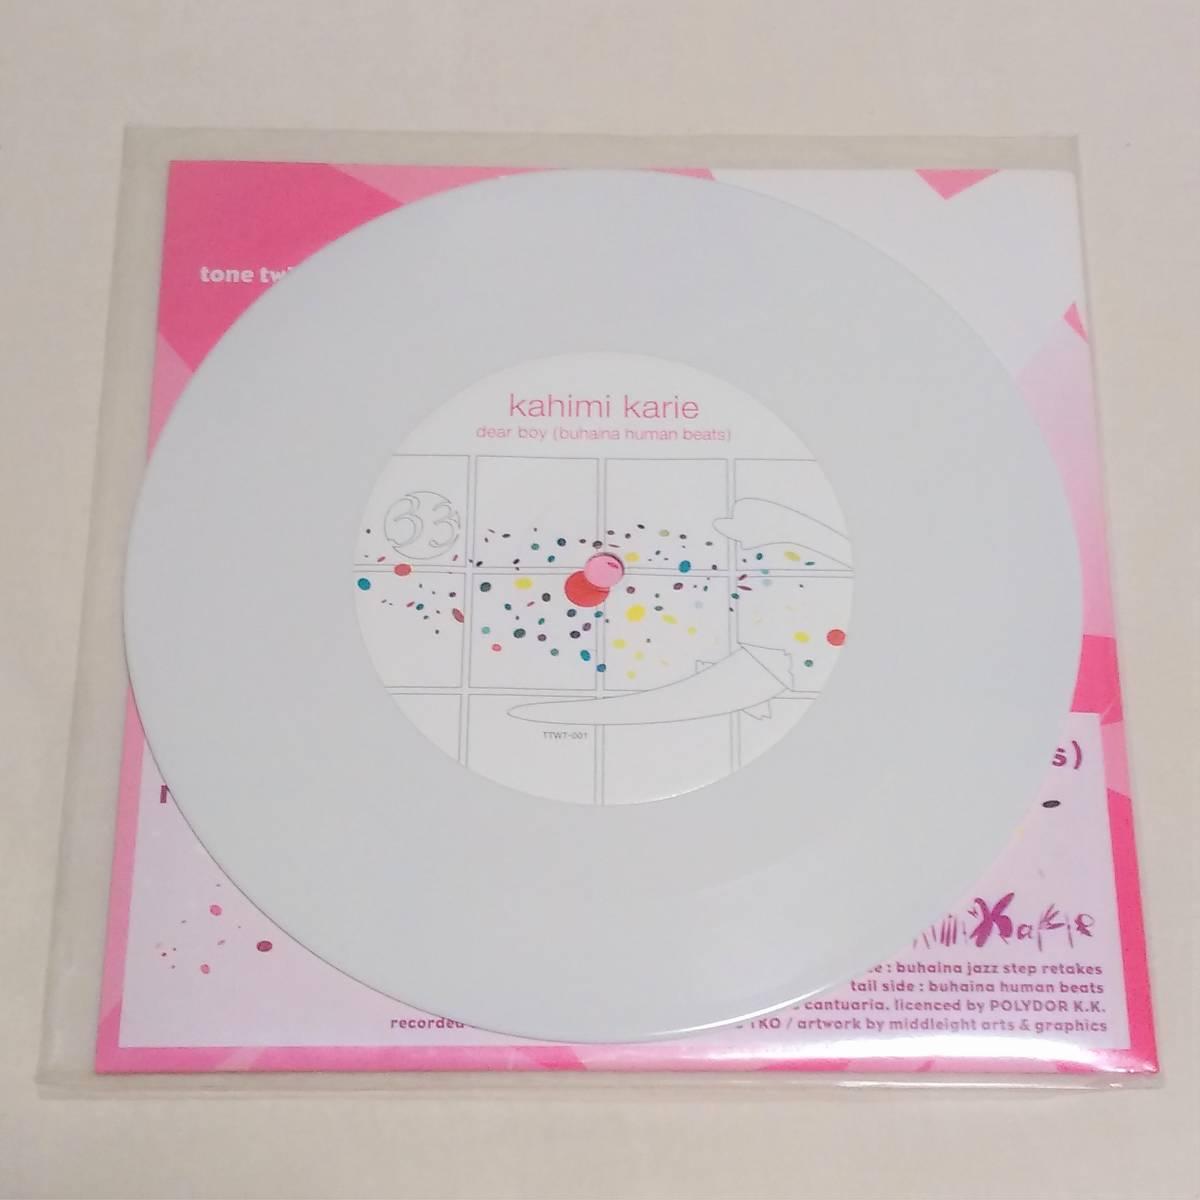 カヒミ カリィ kahimi karie dear boy 限定 7インチレコード ホワイト・ヴァイナル コーネリアス フリッパーズギター 小沢健二_画像4